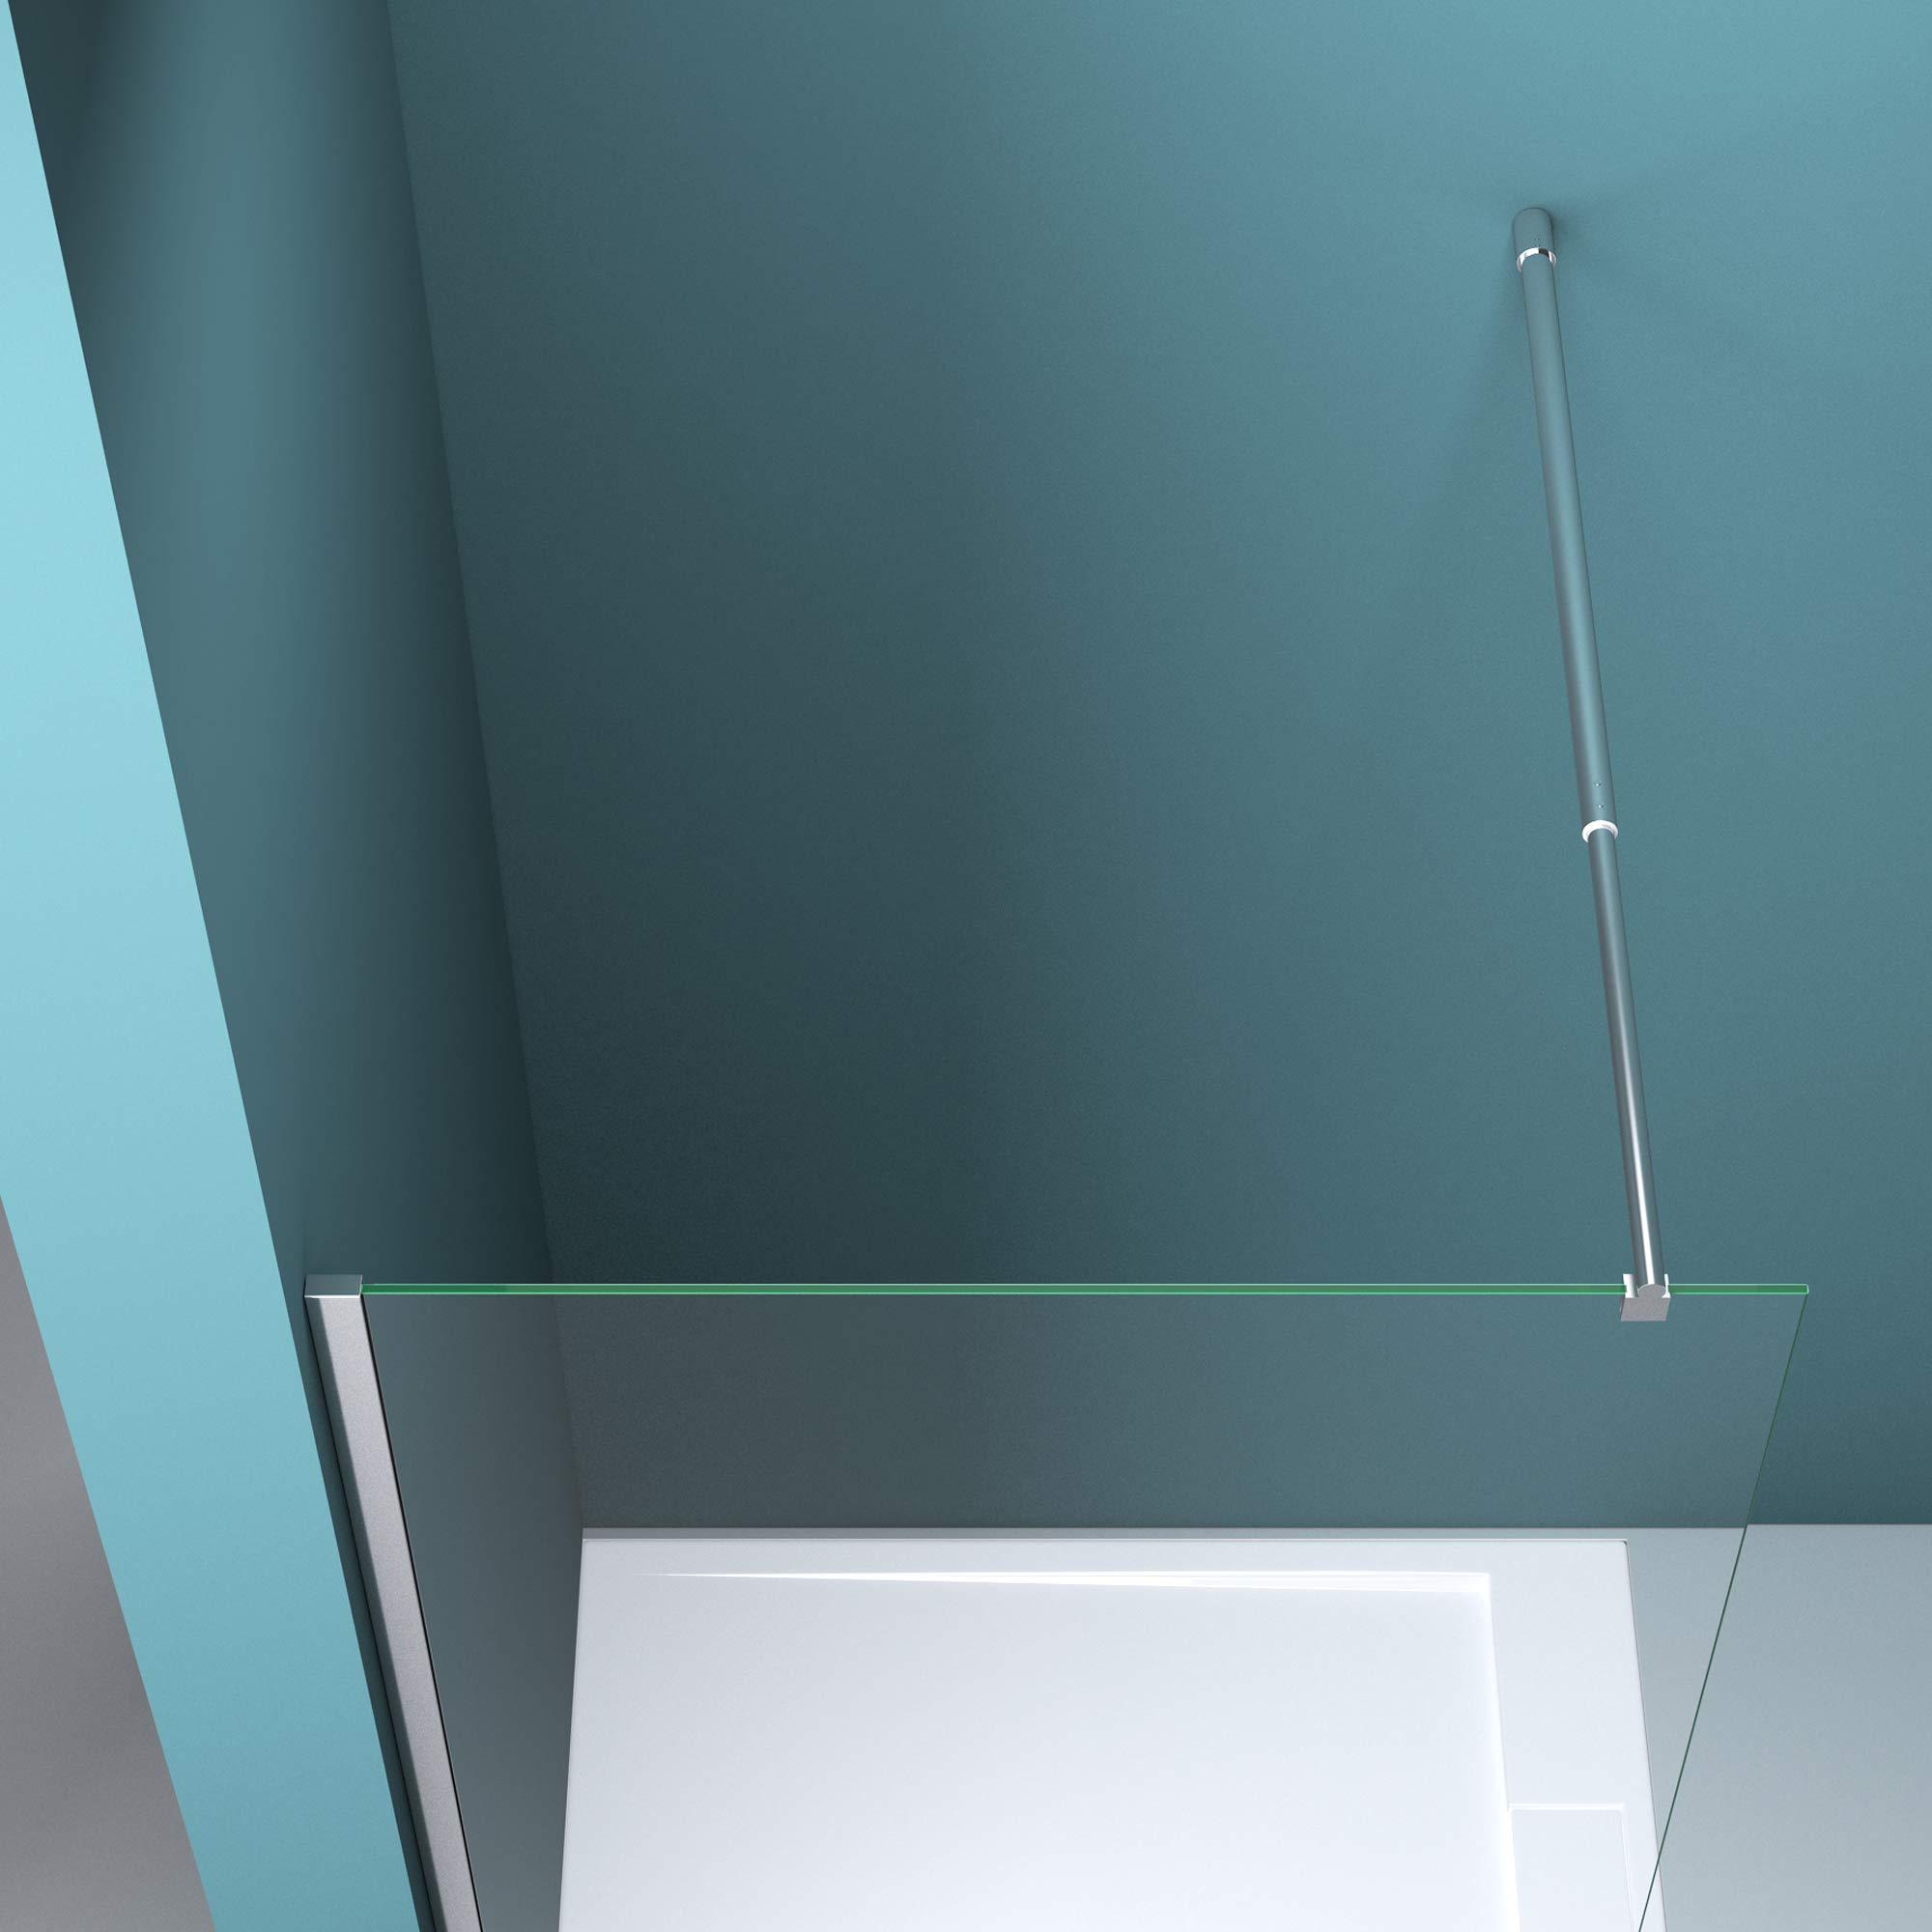 Mampara de ducha fija Bremen2MS, 10 mm de vidrio templado con rayas de cristal translúcido NANO, estabilizador, Blanco: Amazon.es: Bricolaje y herramientas